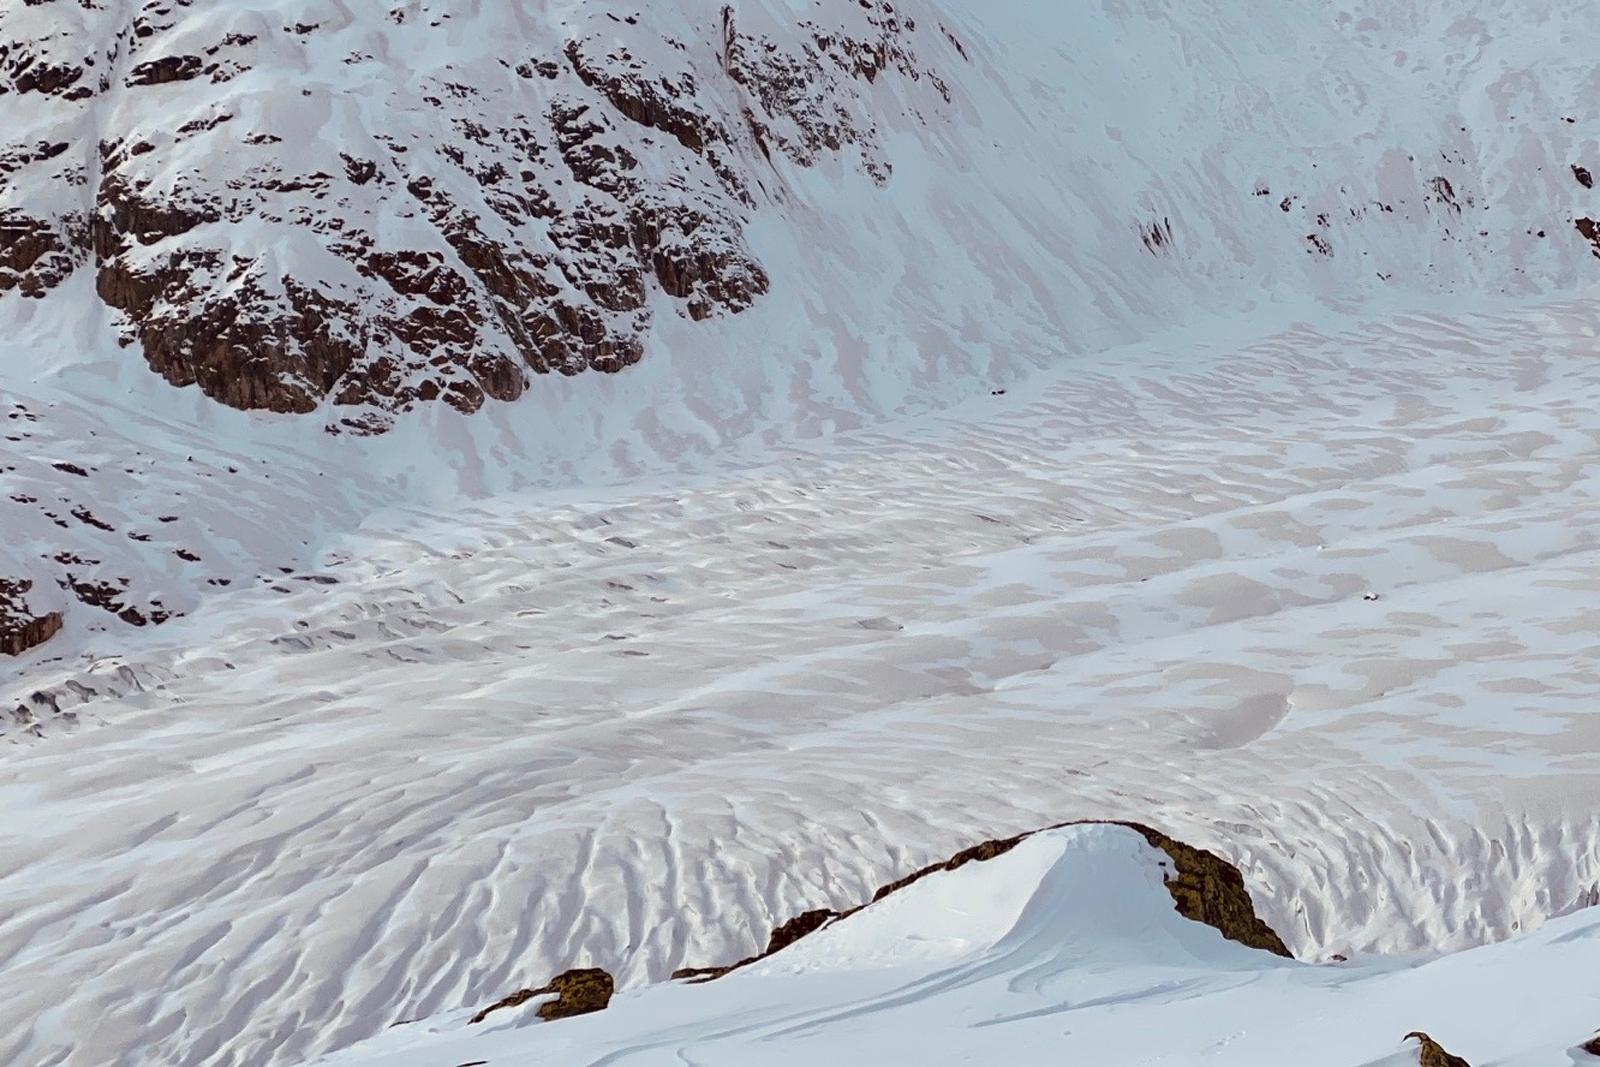 Grosser Aletschgletscher (VS) im Tigerkleid: Die Kruste, die vom Saharastaub bräunlich gefärbt wurde, war sehr markant. Nur in den Mulden, wo neuer Schnee lag, wurde sie weiss überdeckt. Foto: H. Lauber/09.02.2020